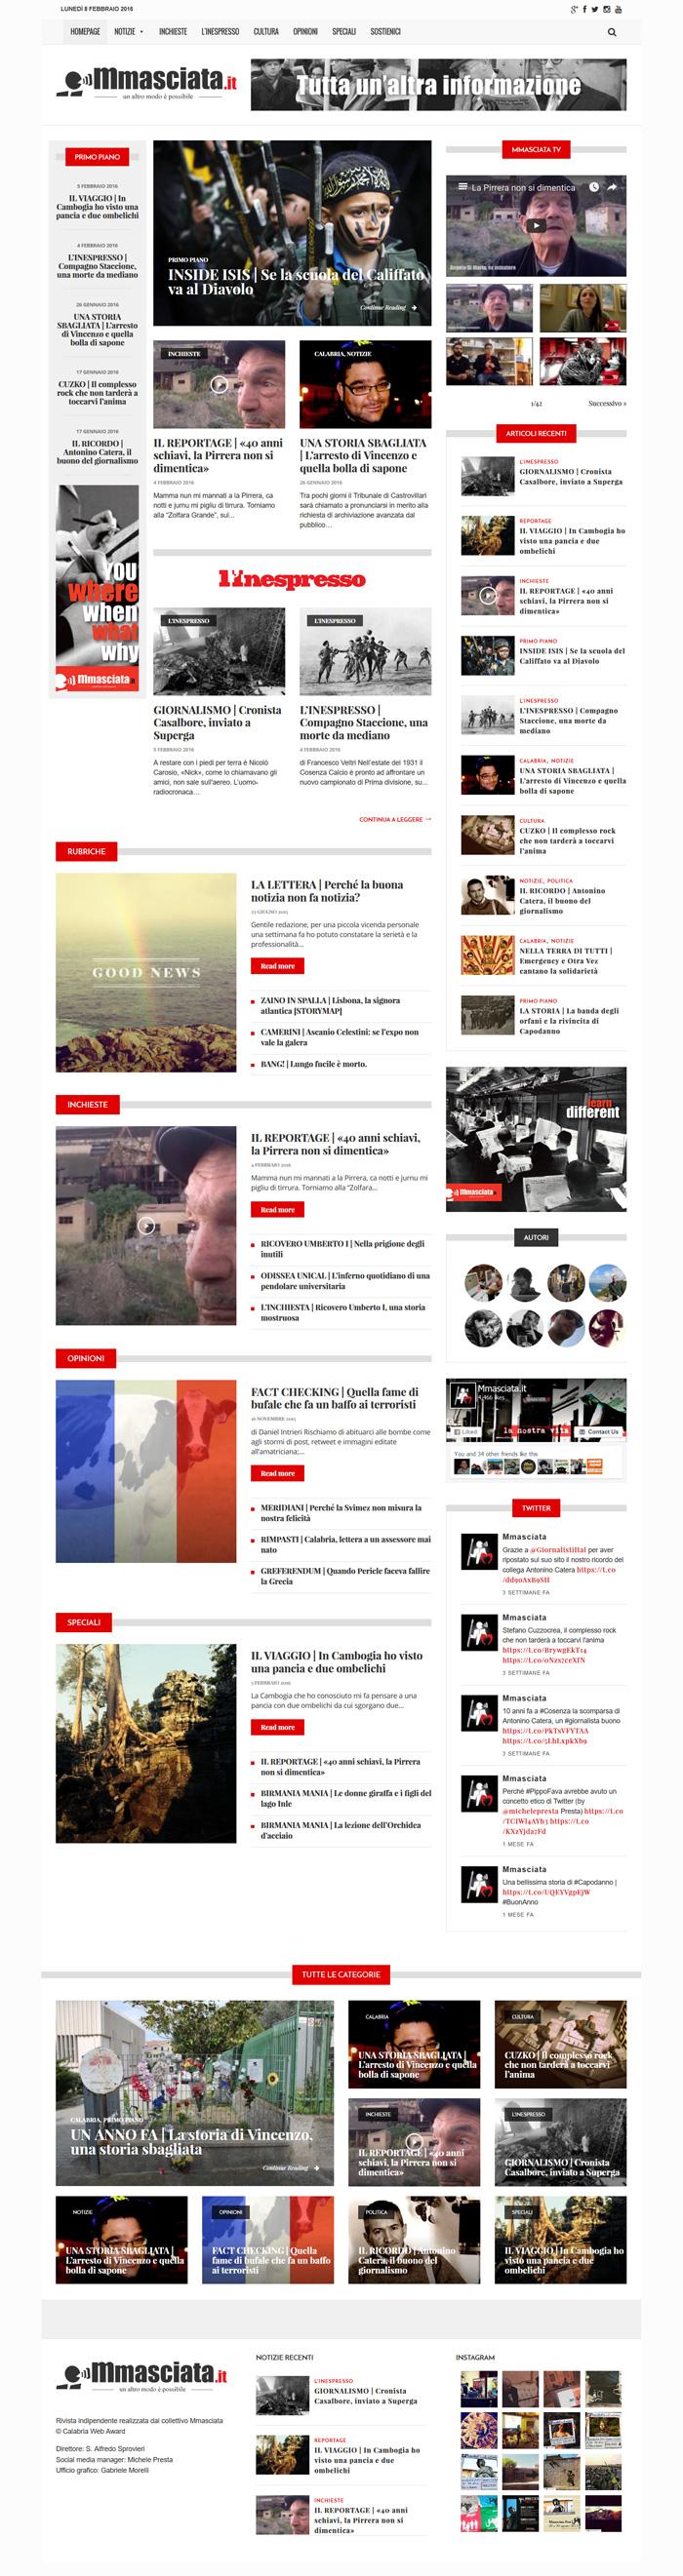 mmasciata giornale online magazine indipendente cosenza calabria